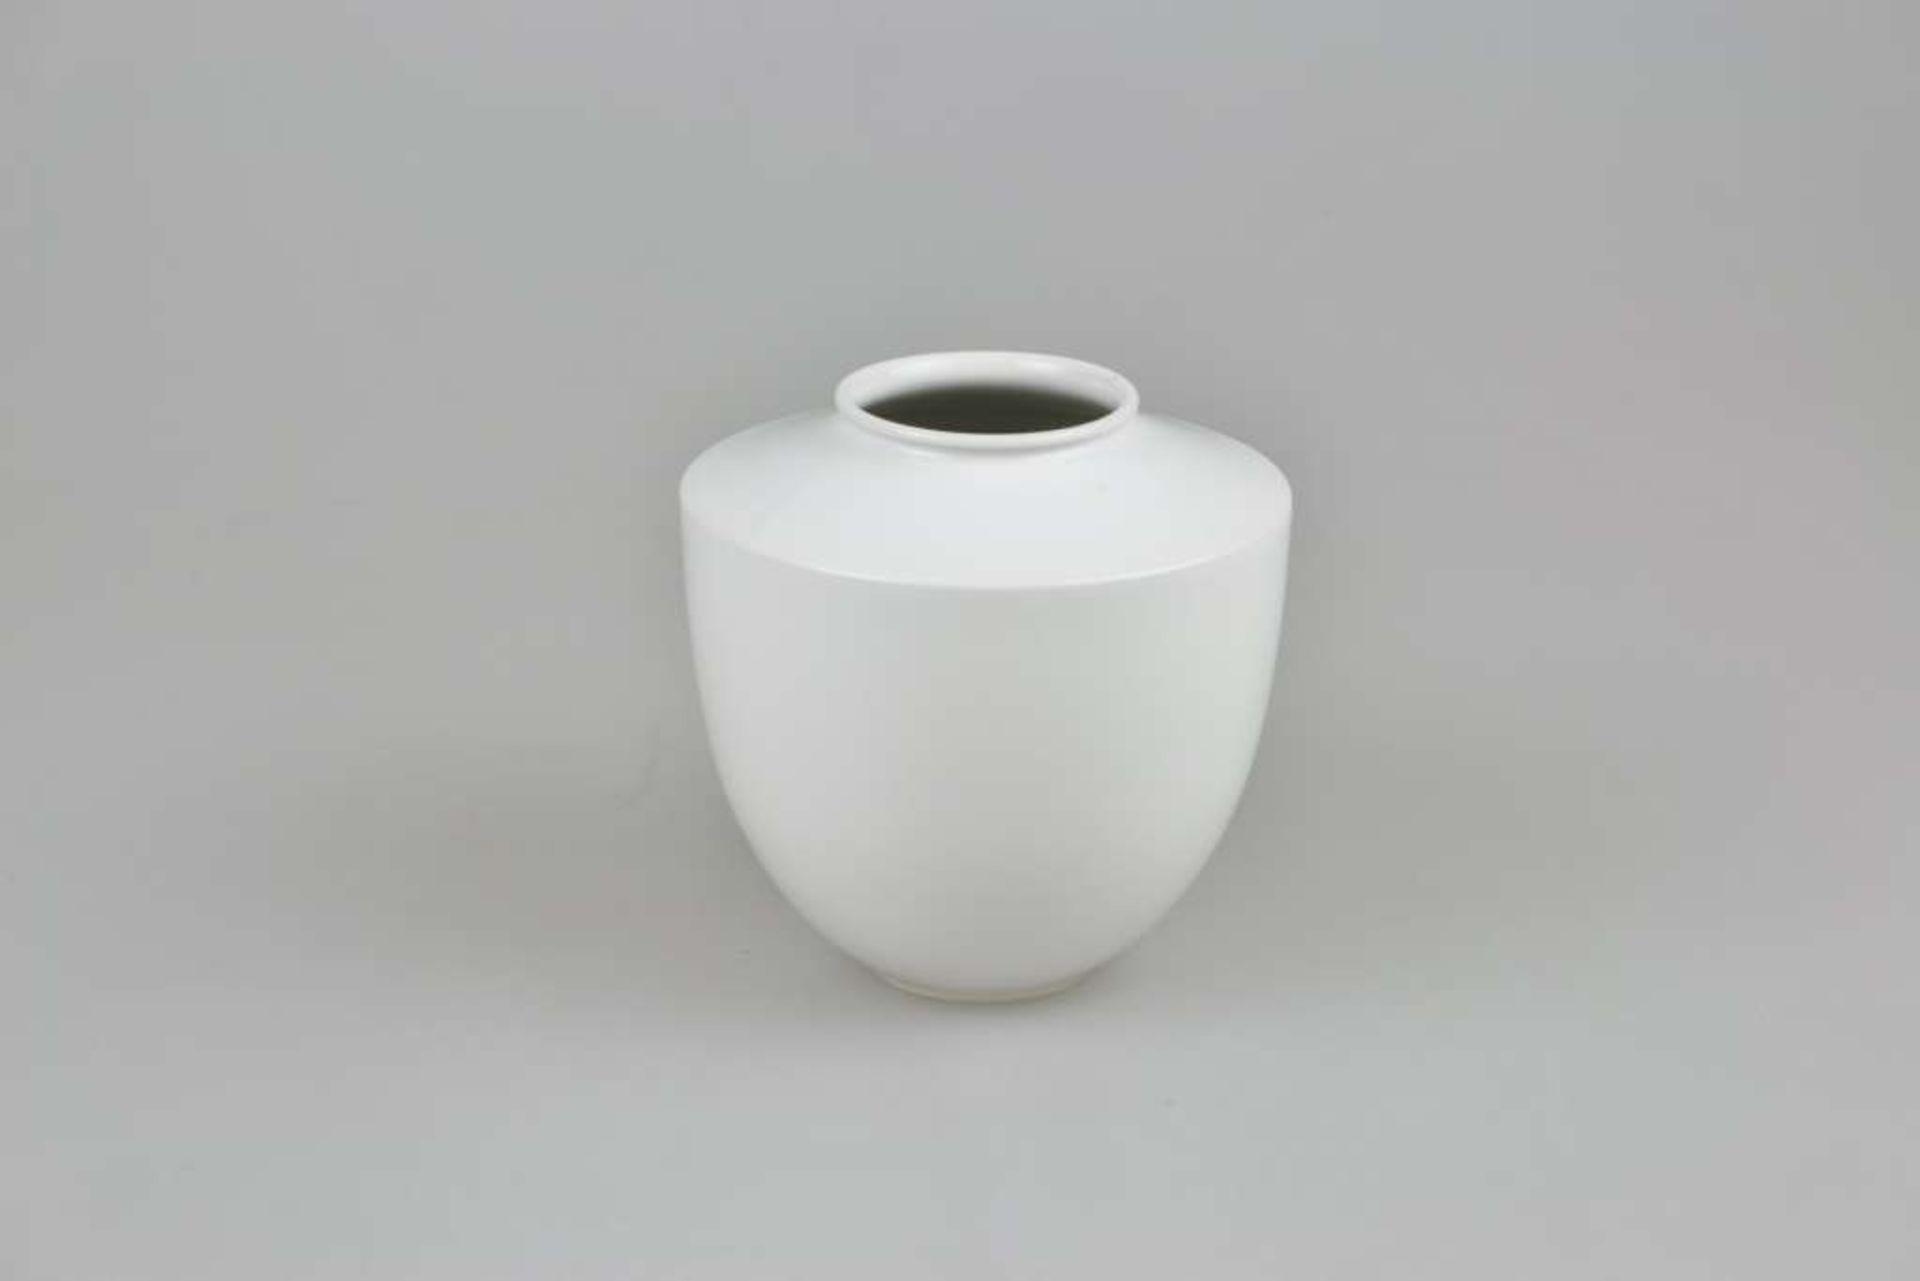 """KPM, Vase """"Großer Bär"""", Mitte 20. Jh., Weißporzellan, Entwurf Trude PETRI (1906-1998) 1938,"""